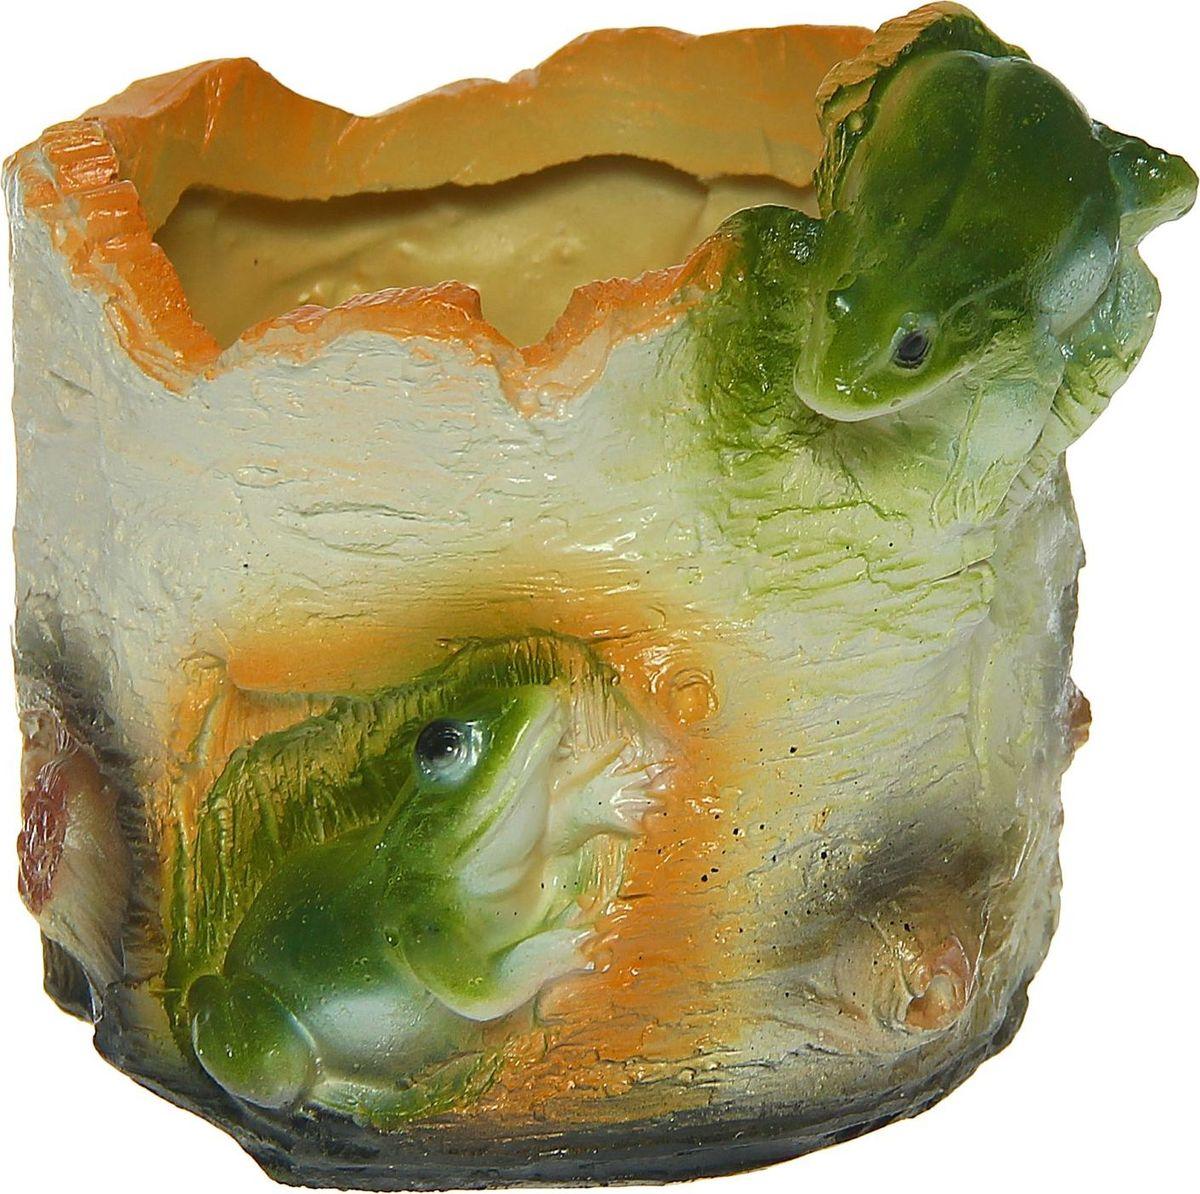 Кашпо Две лягушки в бересте, 15 х 15 х 14 смПВЛ 1,5 ЗЕЛКомнатные растения — всеобщие любимцы. Они радуют глаз, насыщают помещение кислородом и украшают пространство. Каждому из растений необходим свой удобный и красивый дом. Поселите зелёного питомца в яркое и оригинальное фигурное кашпо. Выберите подходящую форму для детской, спальни, гостиной, балкона, офиса или террасы. #name# позаботится о растении, украсит окружающее пространство и подчеркнёт его оригинальный стиль.